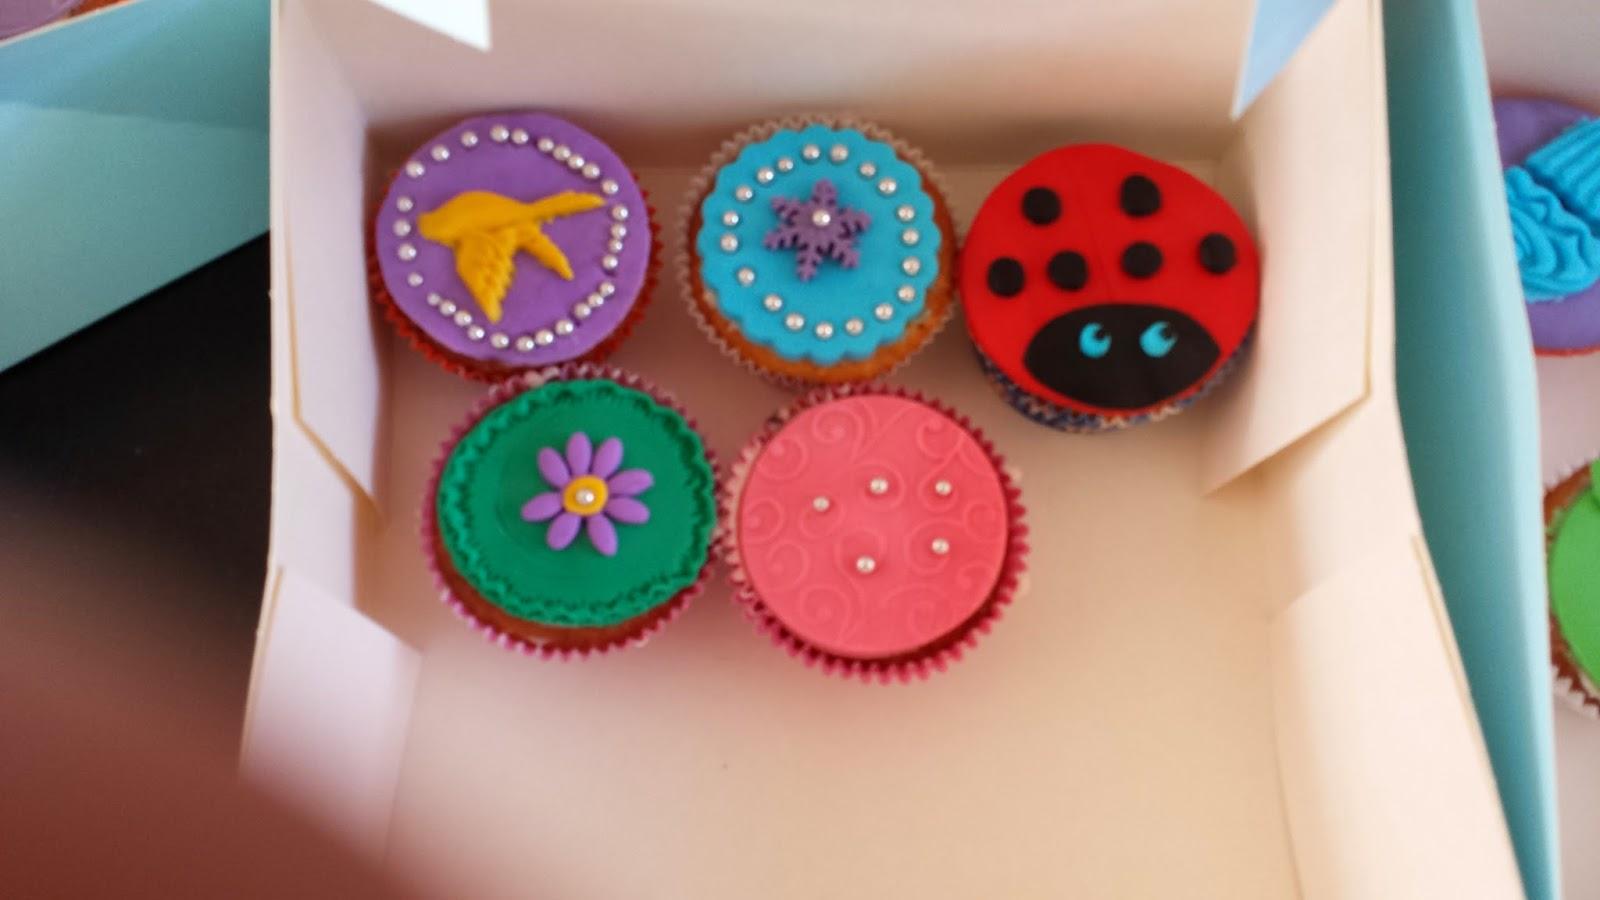 Heerlijke Baksels Kinderfeestje Cupcakes Versieren